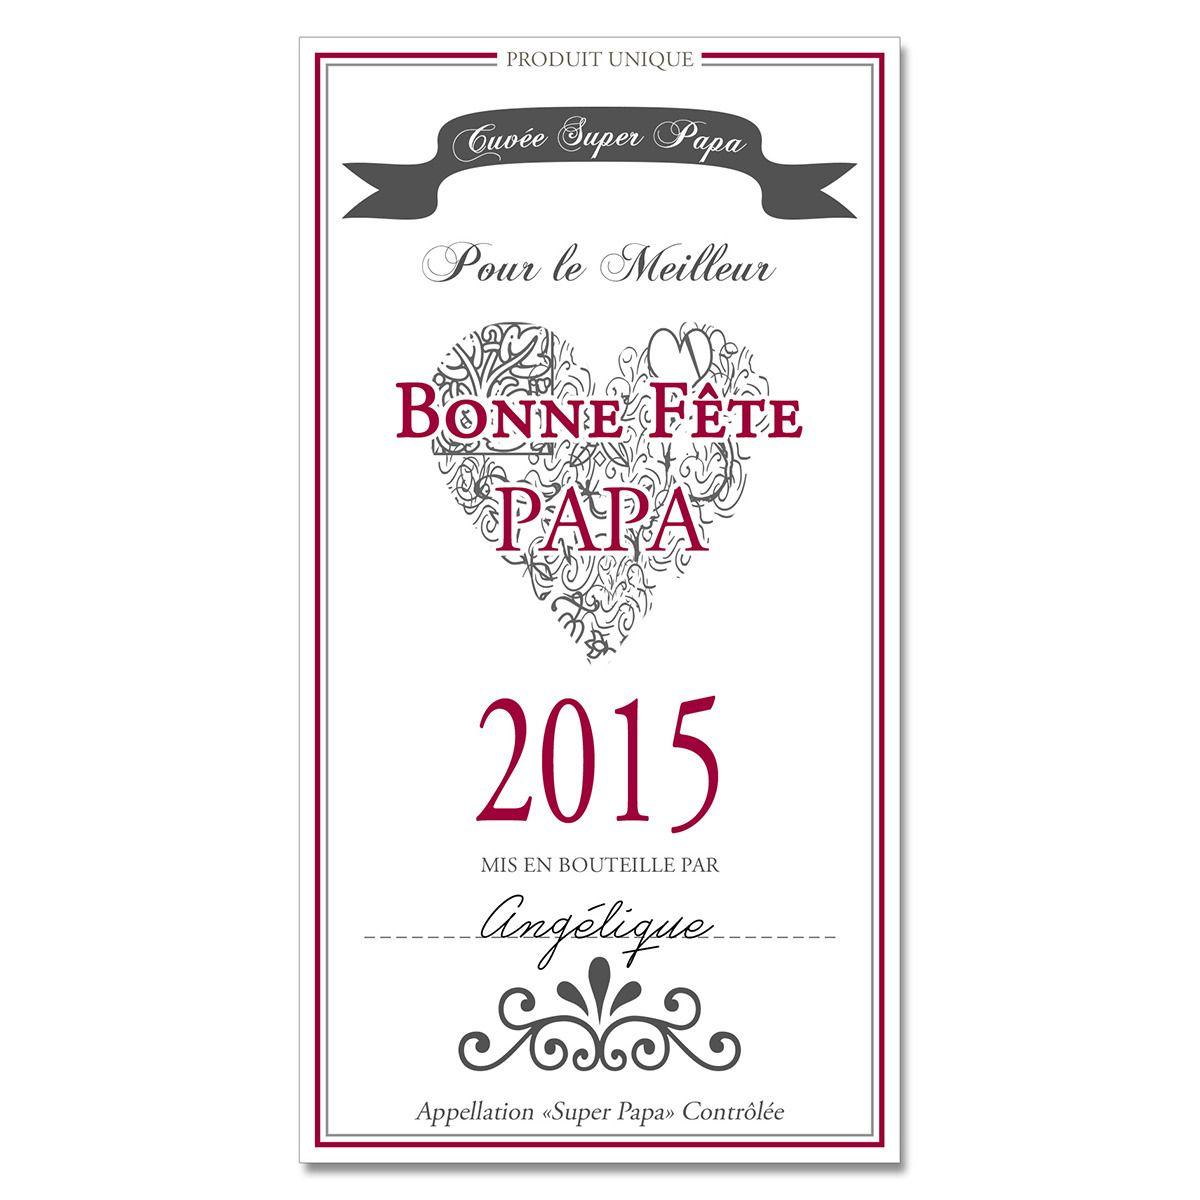 Lot de 3 tiquettes de vin personnalis es f te des p res cuisine et service de table par for Bouteille de vin personnalisee montreal